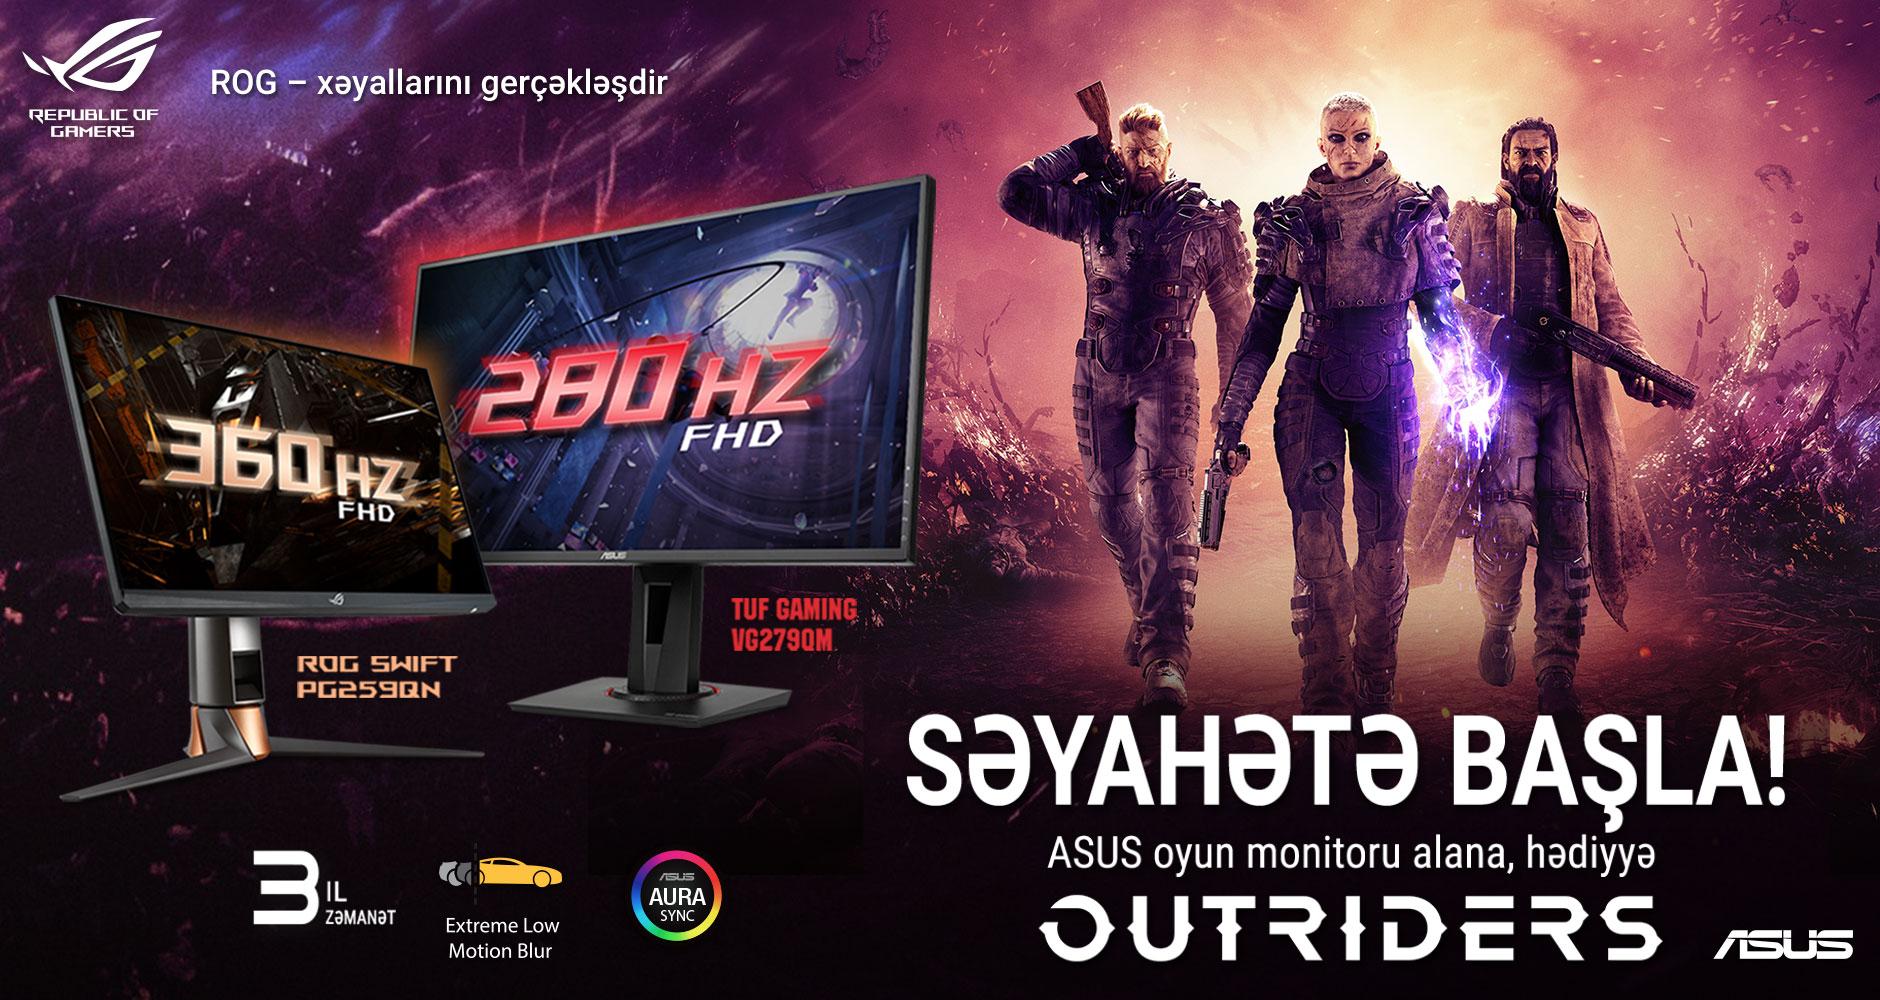 ASUS oyun monitoru alana OUTRIDERS hədiyyə